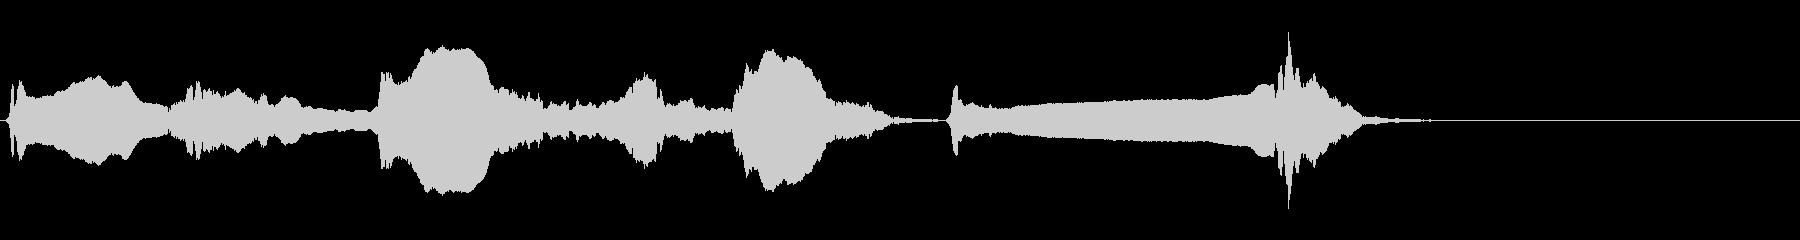 尺八 生演奏 古典風 残響音有 #5の未再生の波形